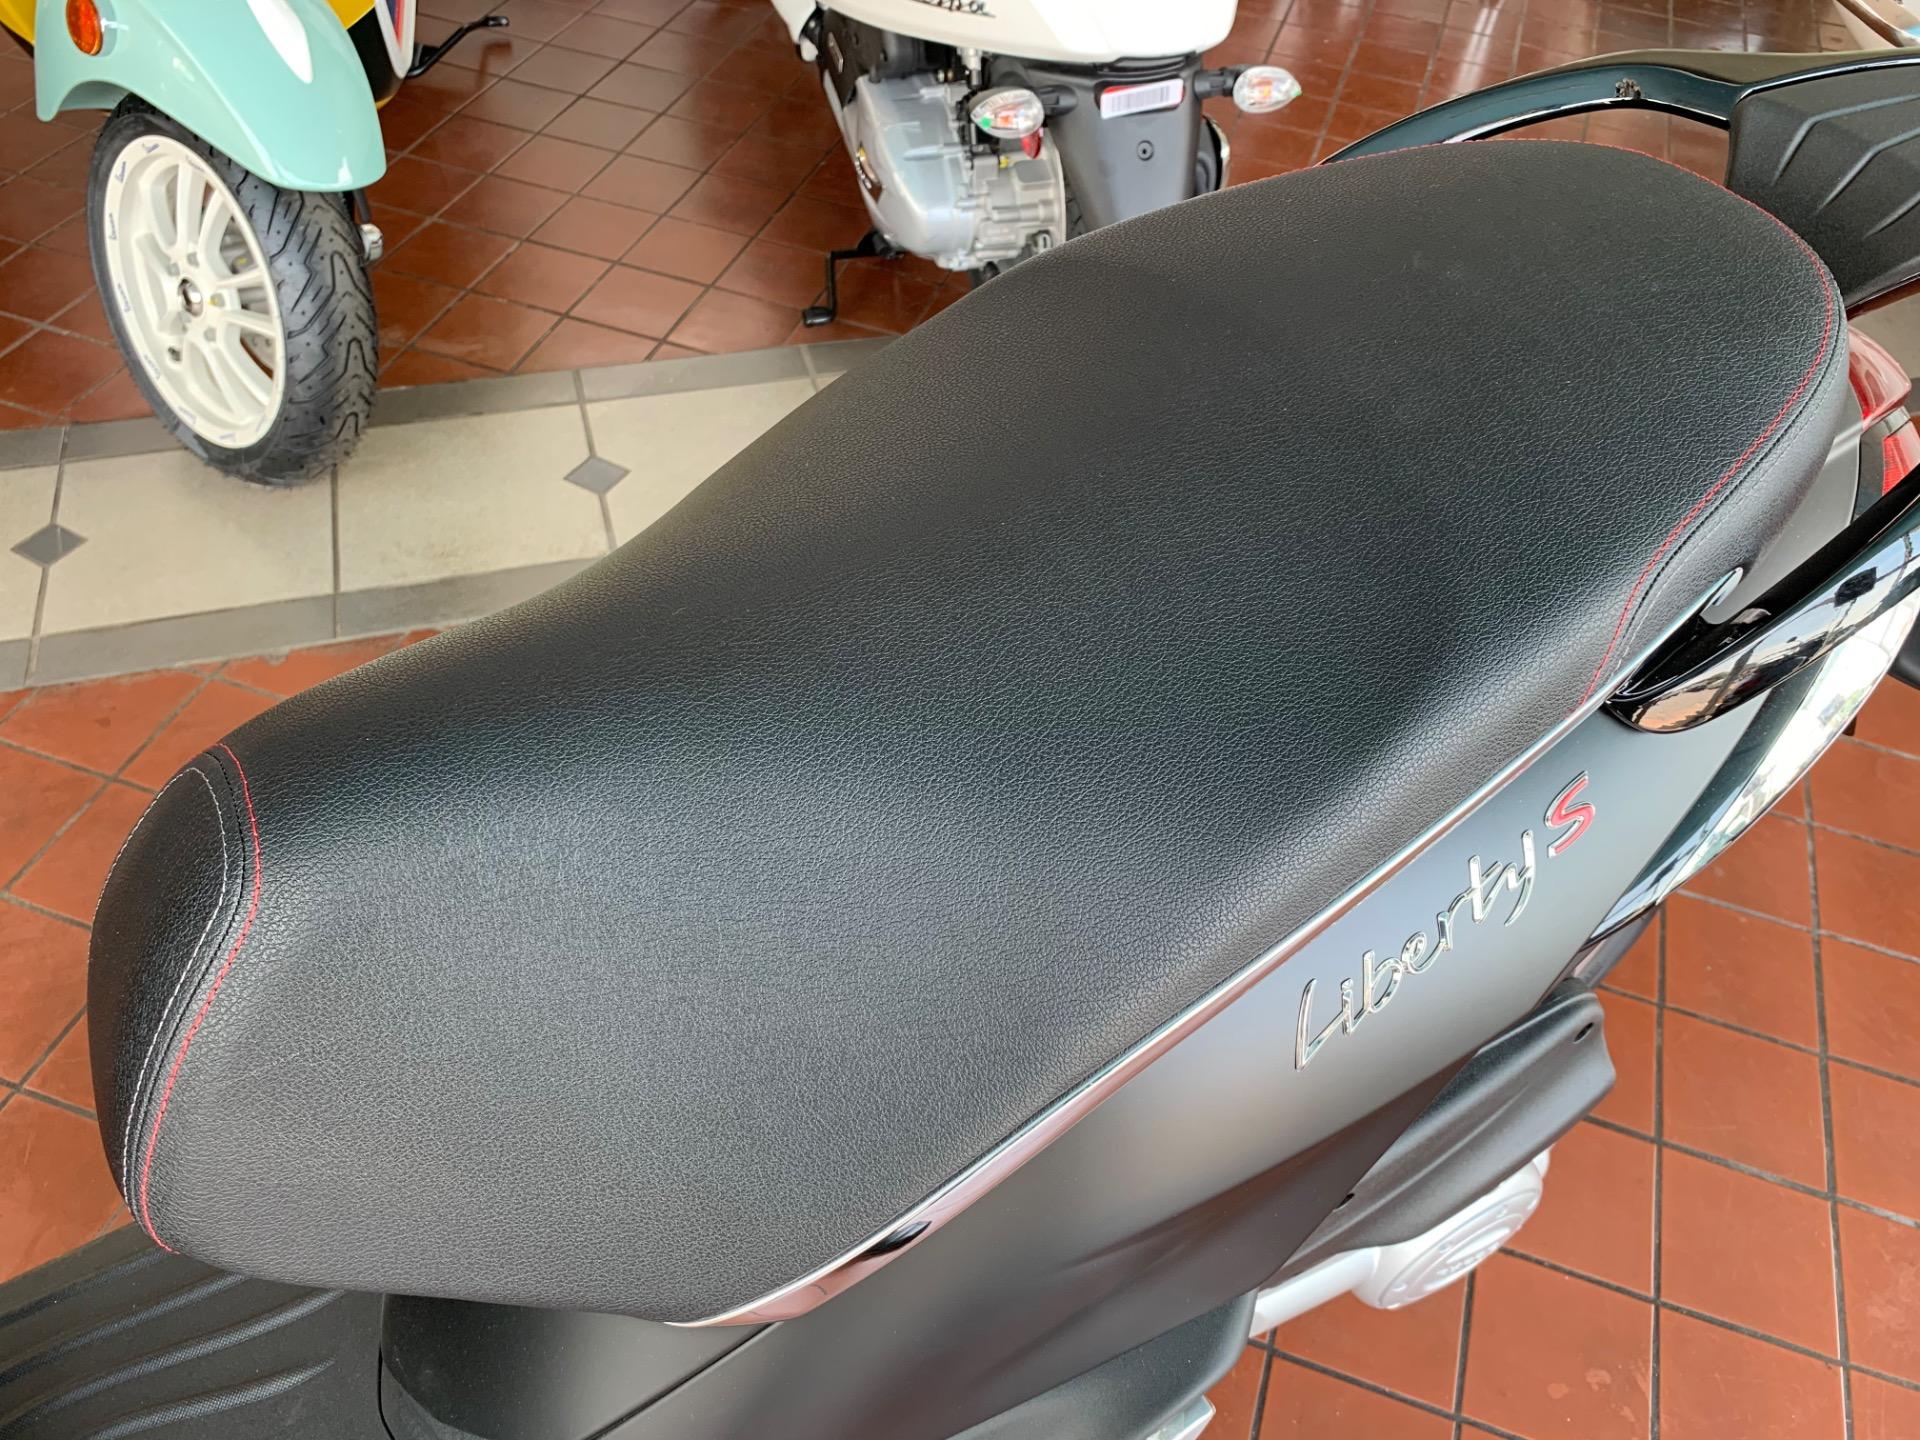 New-2020-PIAGGIO-LIBERTY-50S